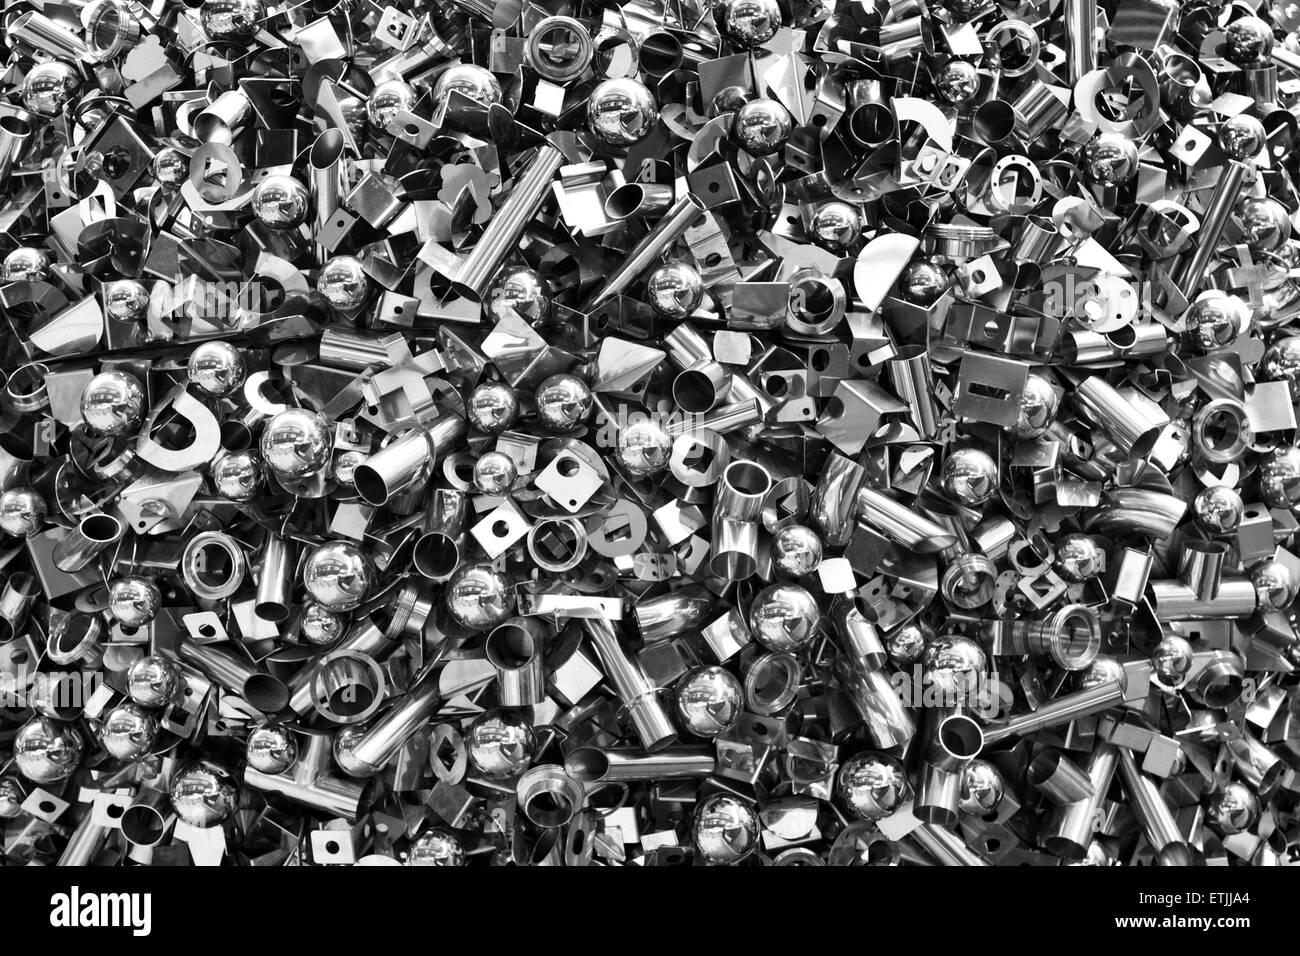 Détail d'un élément sculptural composé de noix, des bots et des vis, sur l'affichage Photo Stock